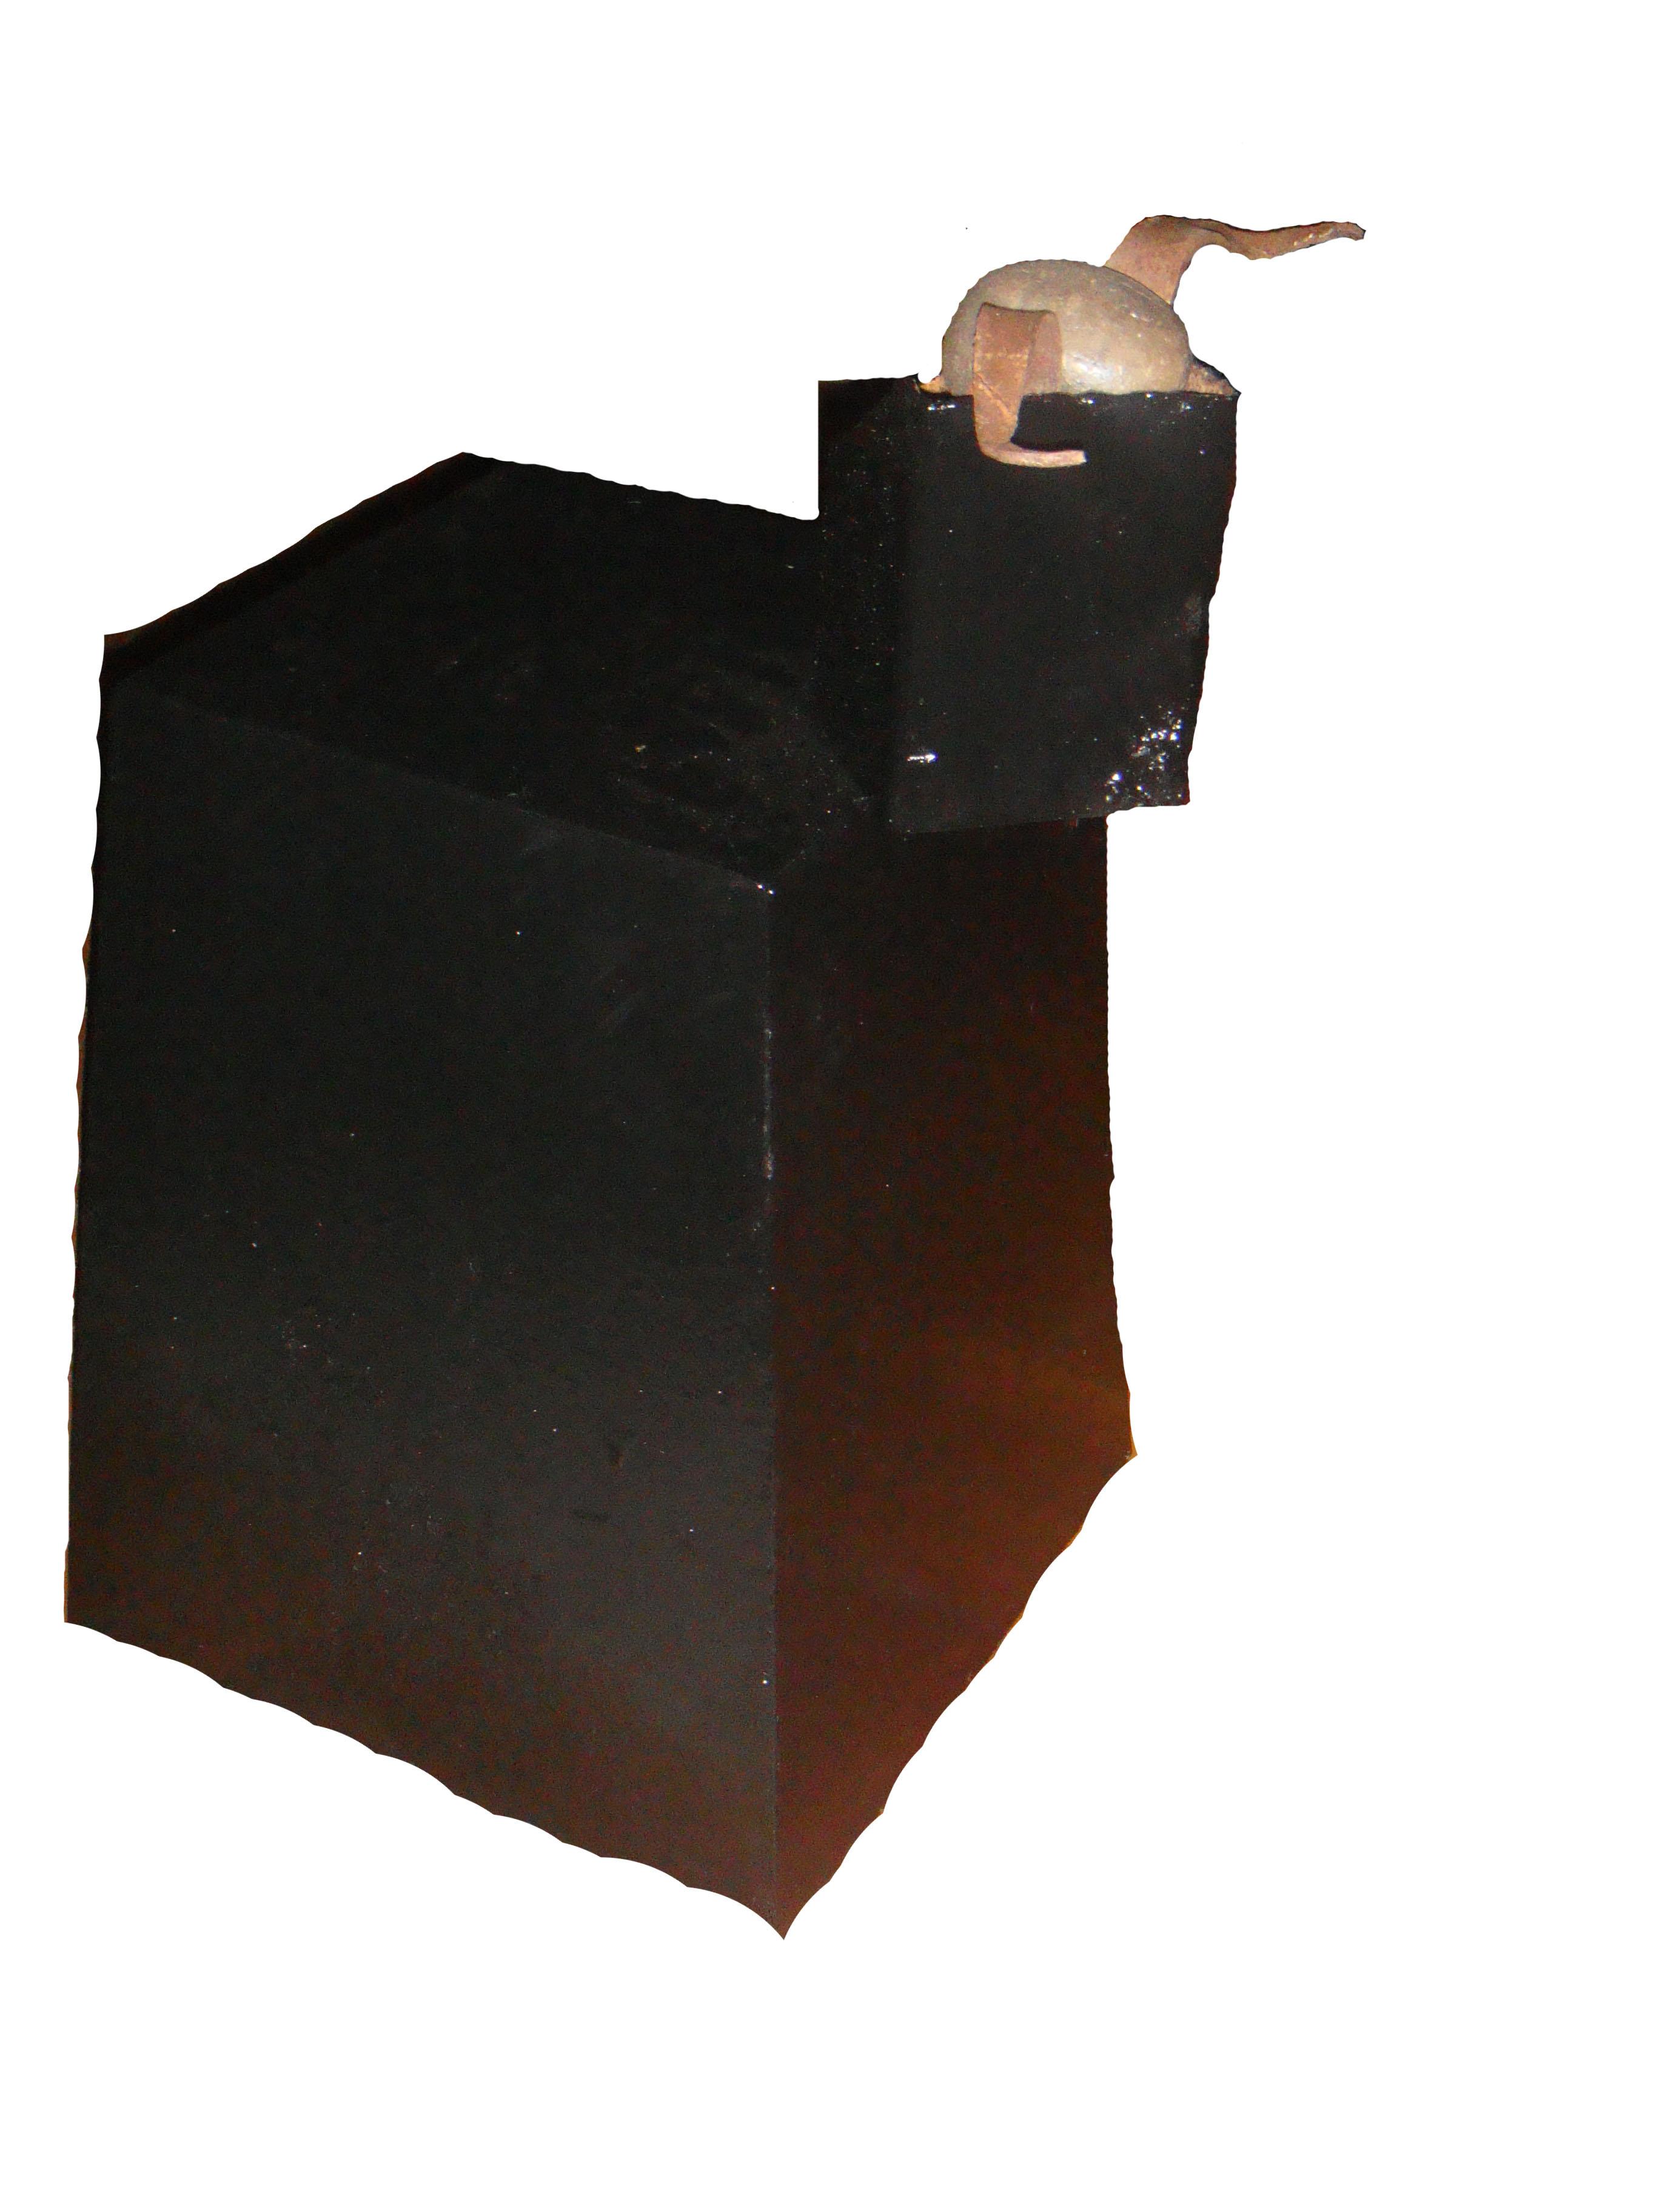 Toro Luz